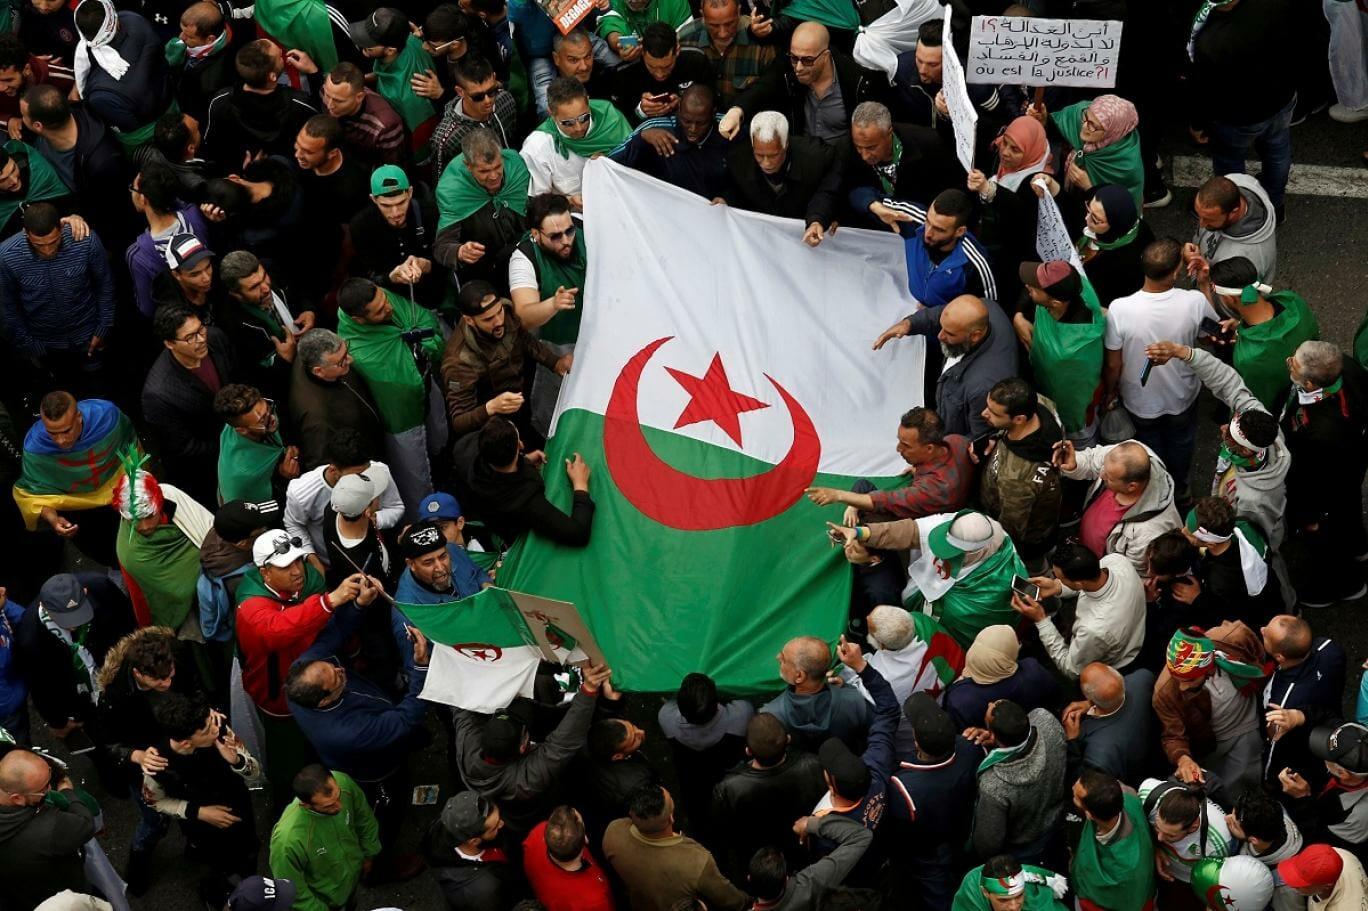 الثورة في الجزائر عبدالرزاق الشريف